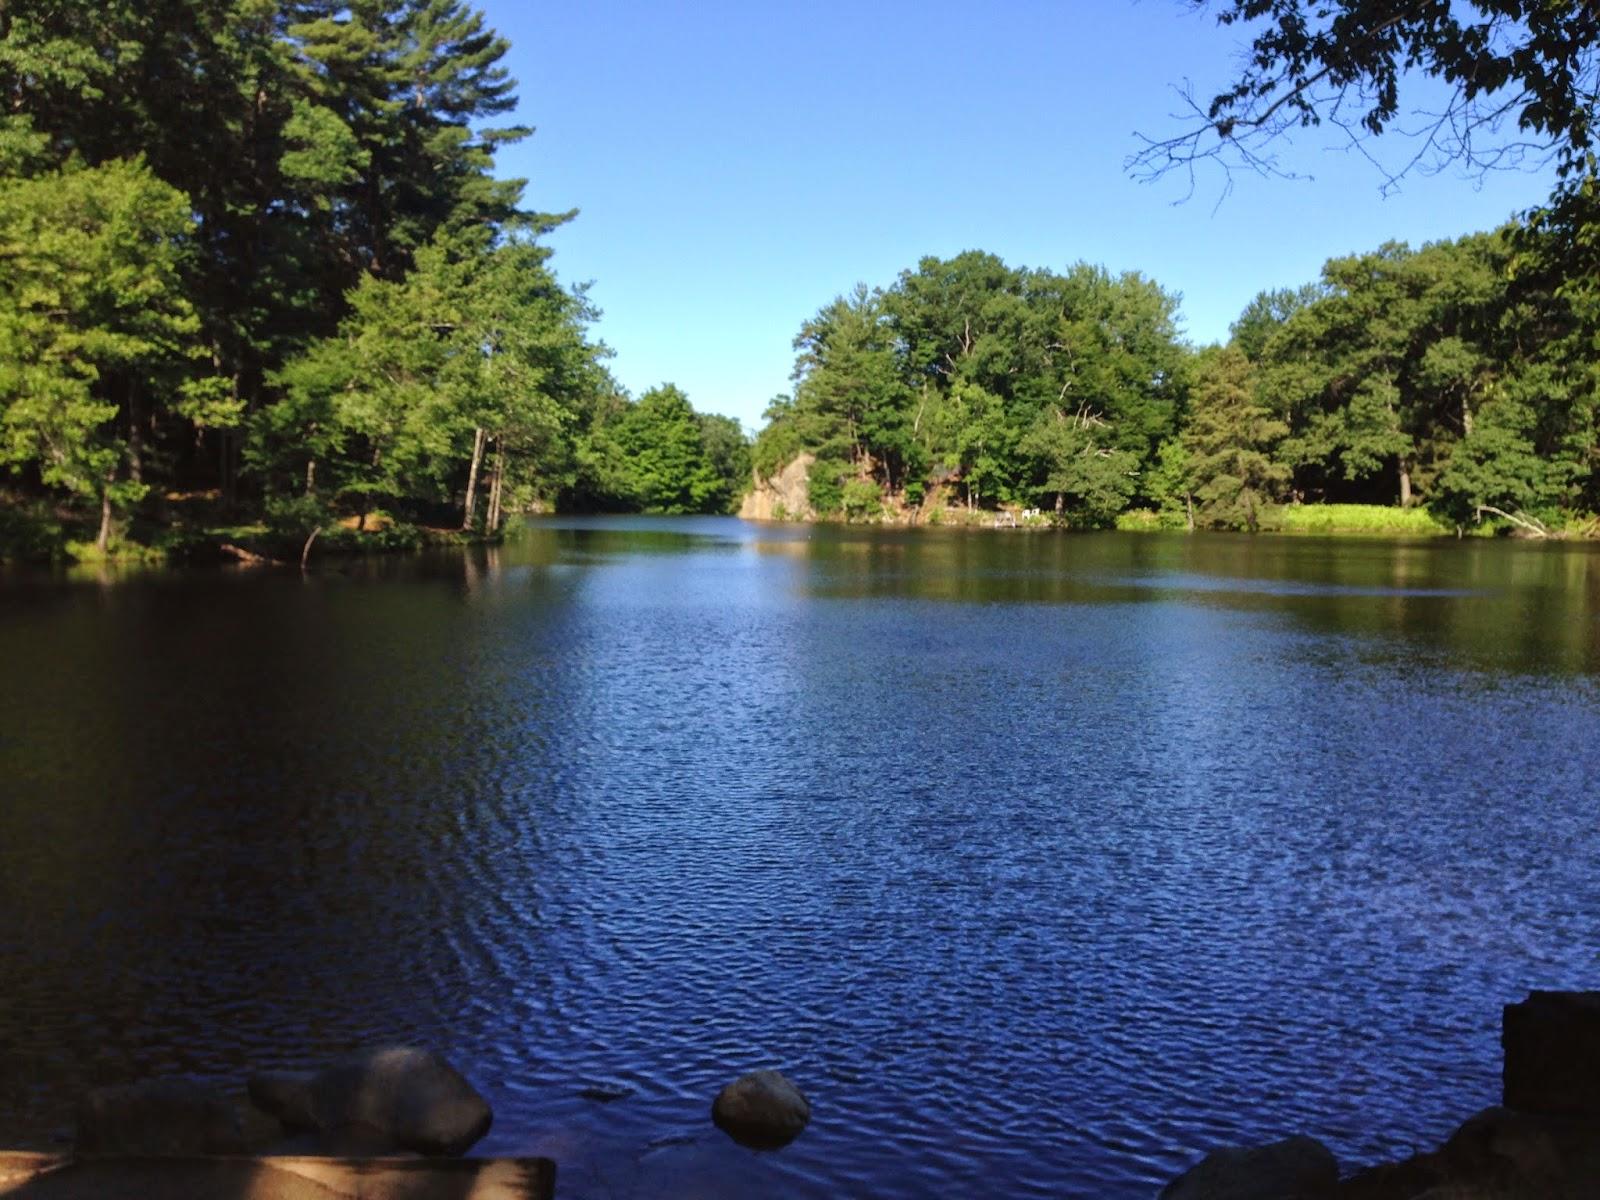 renew summer scenes of natures beauty